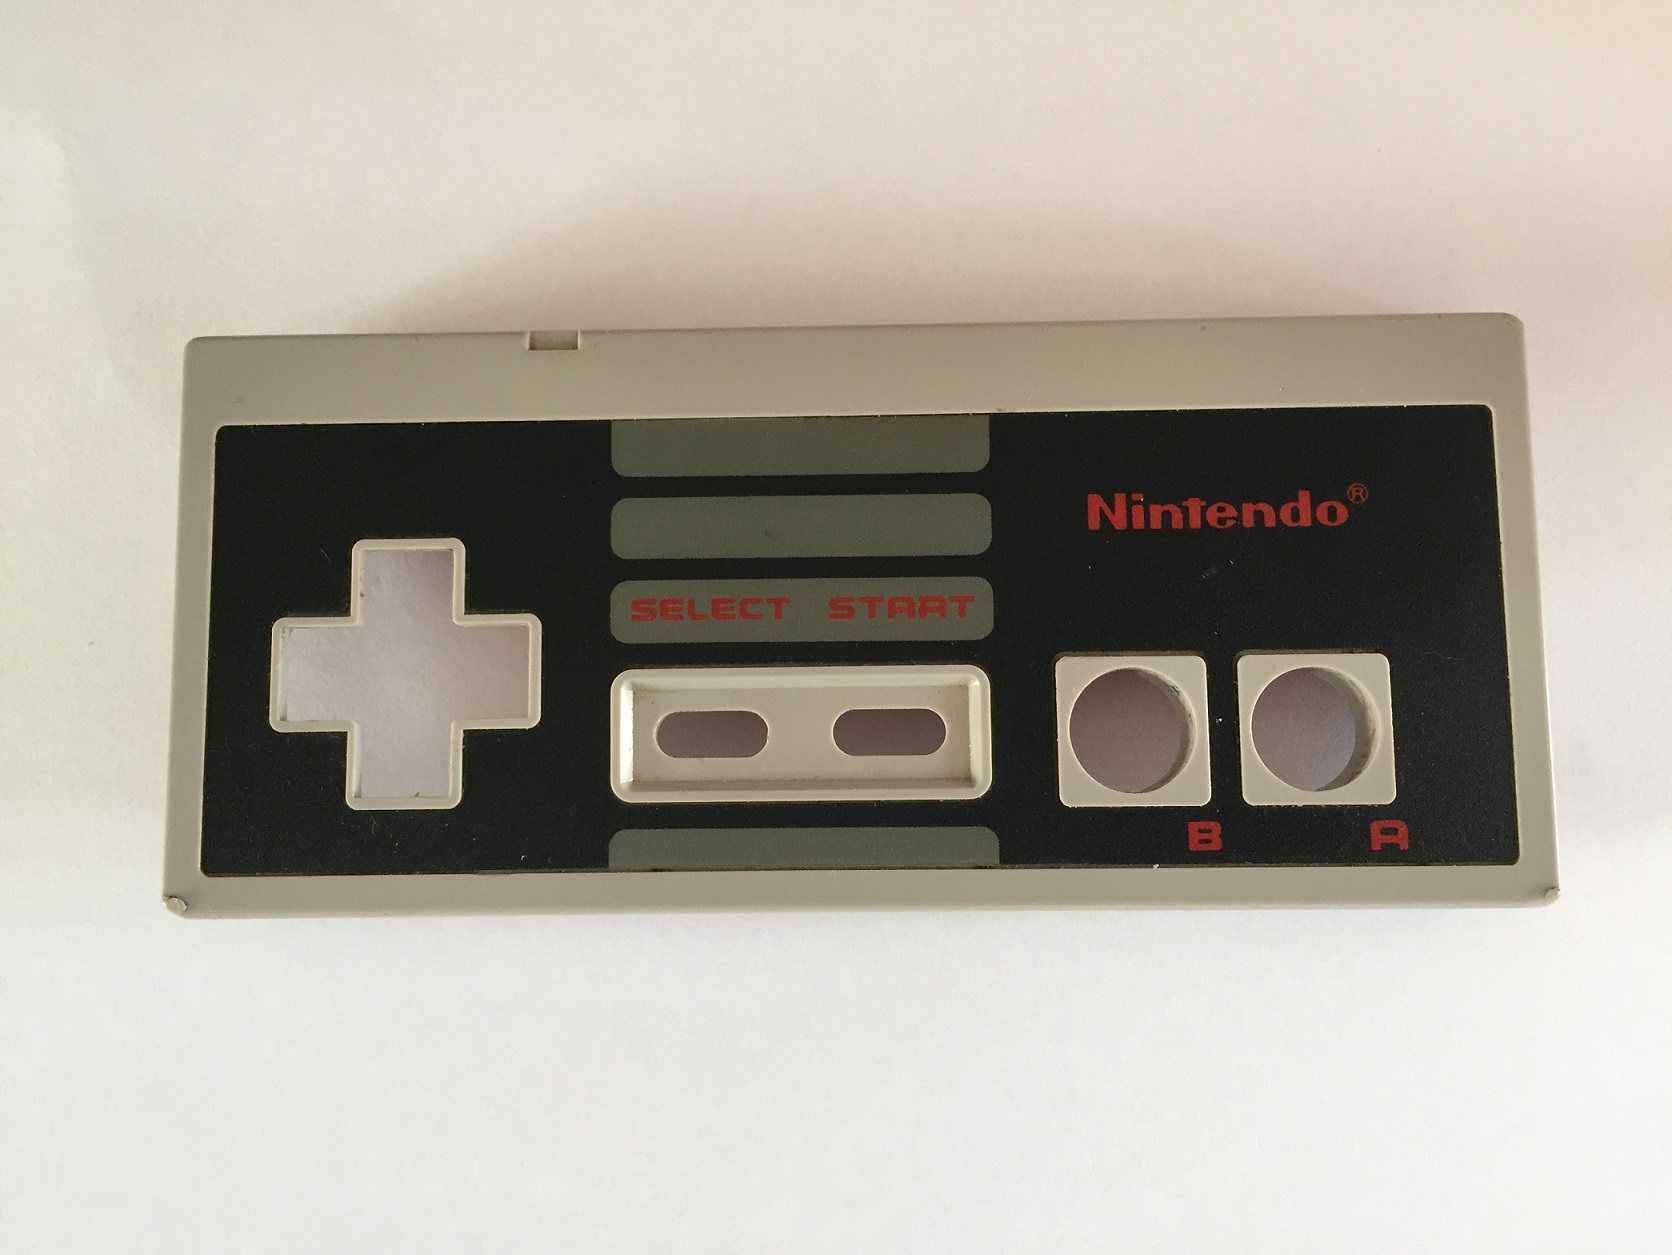 Pièce détachée manette Nintendo NES